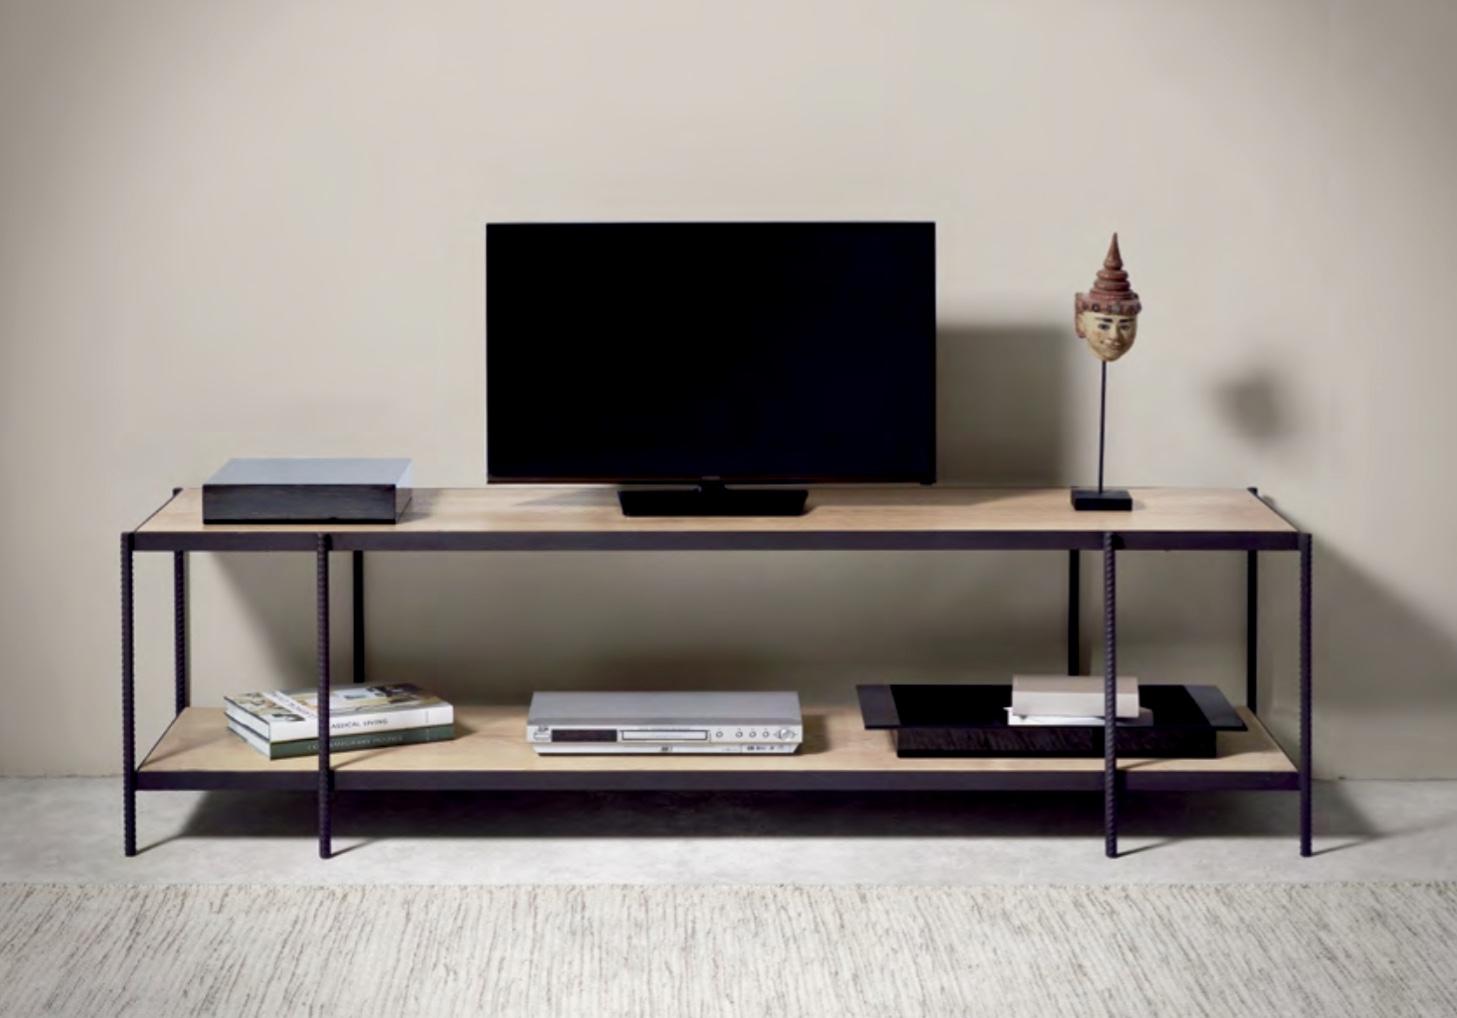 Mueble de televisión de hierro y roble  - Mesa para televisión moderna de hierro y roble.